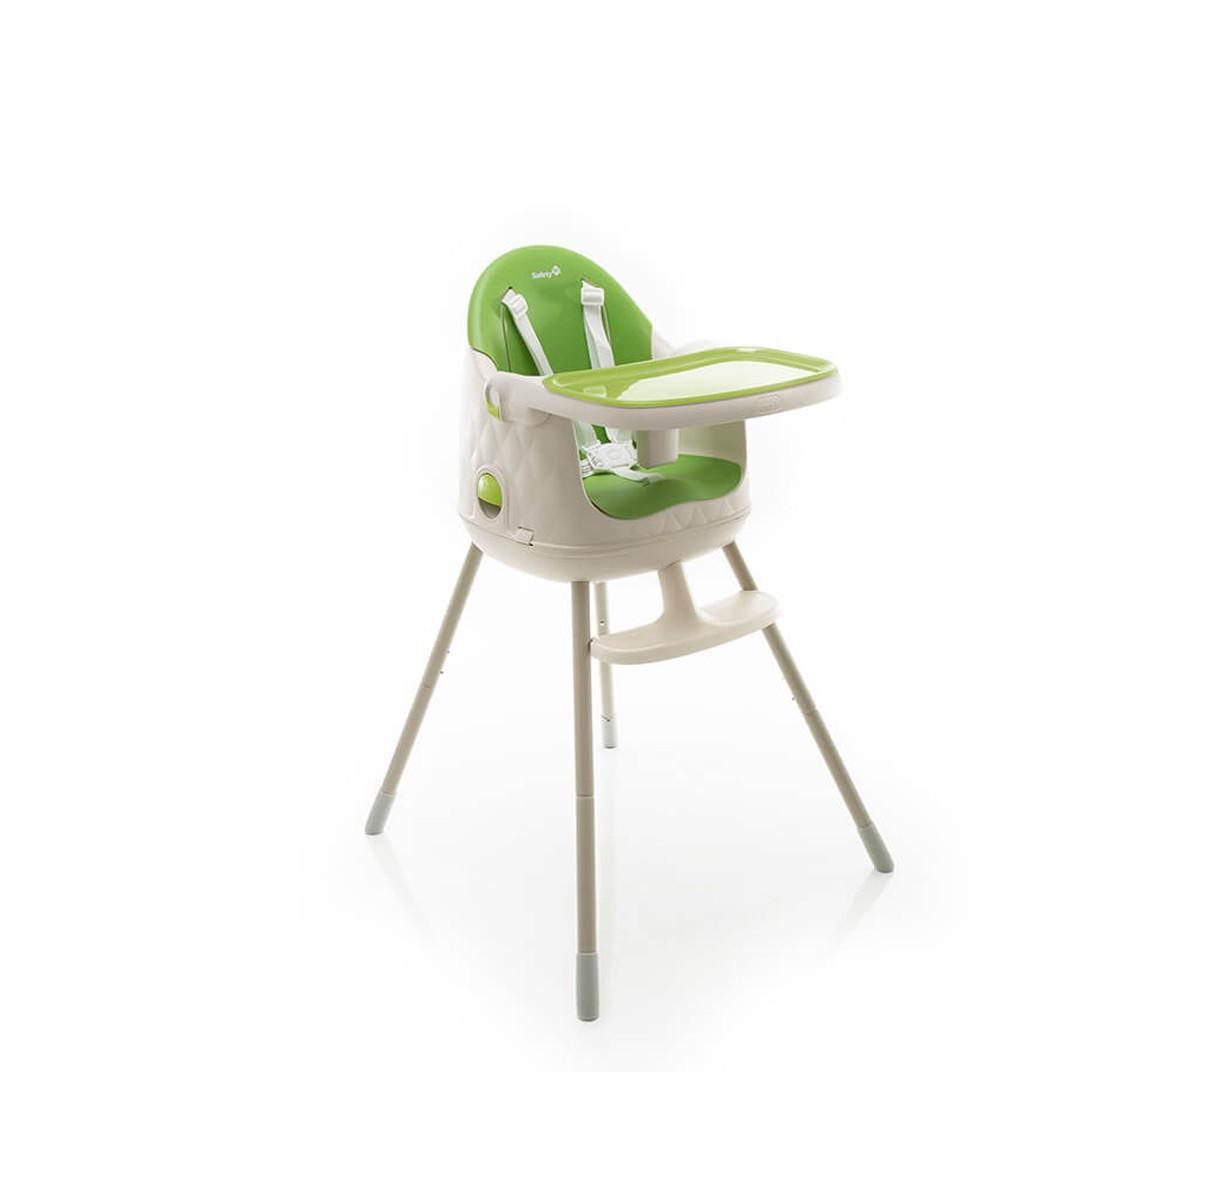 Cadeira De Refeição Jelly verde 6 Meses A 25 Kg Safety 1st